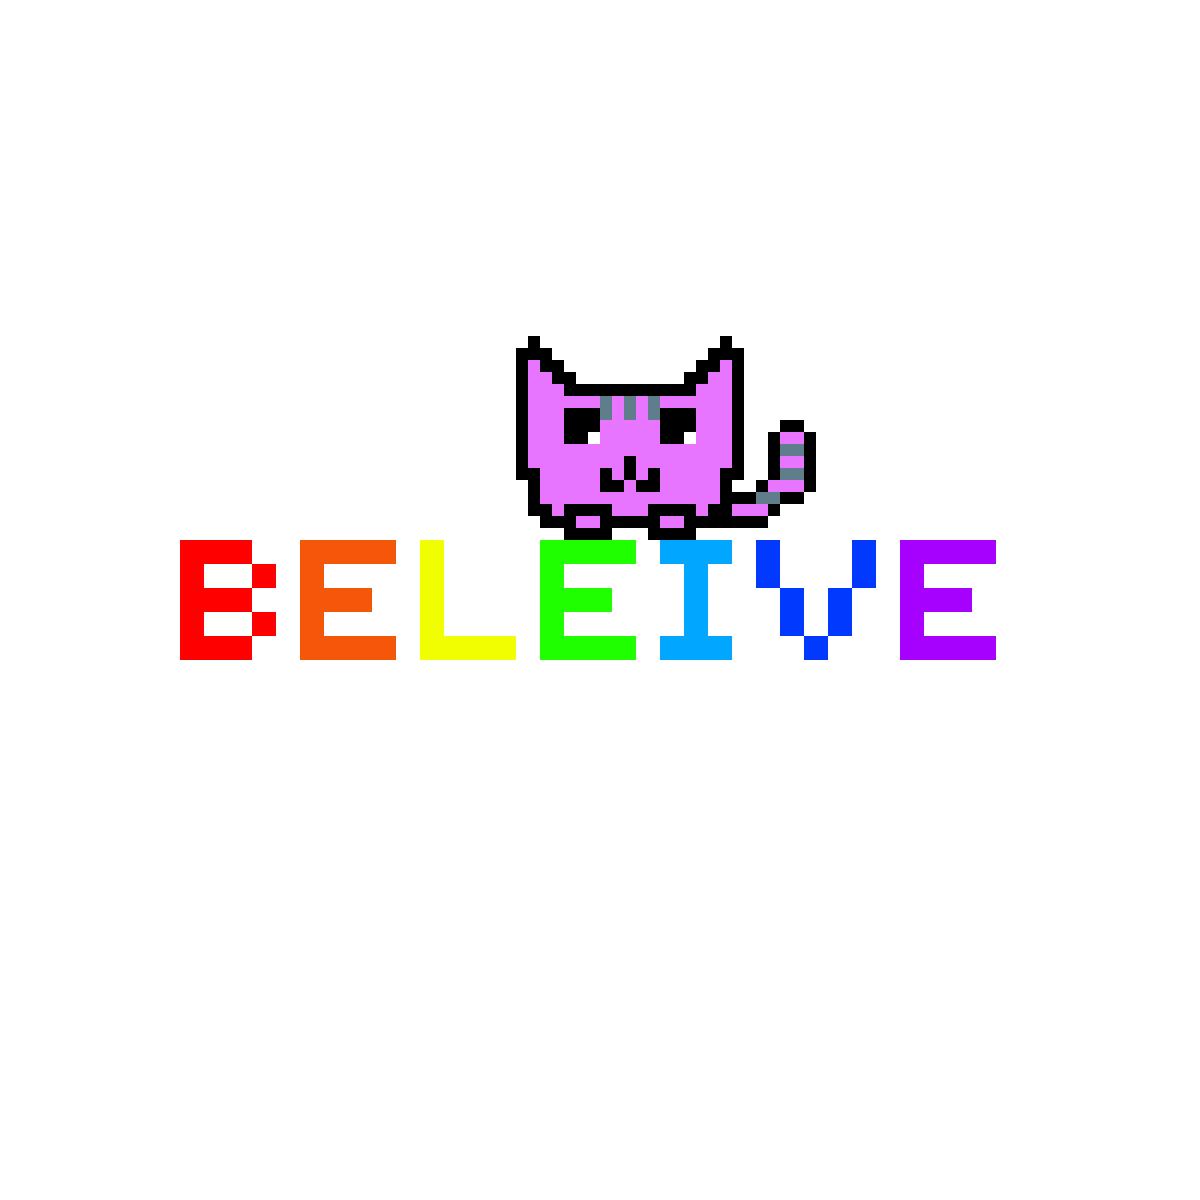 Believe  by LovekittensH